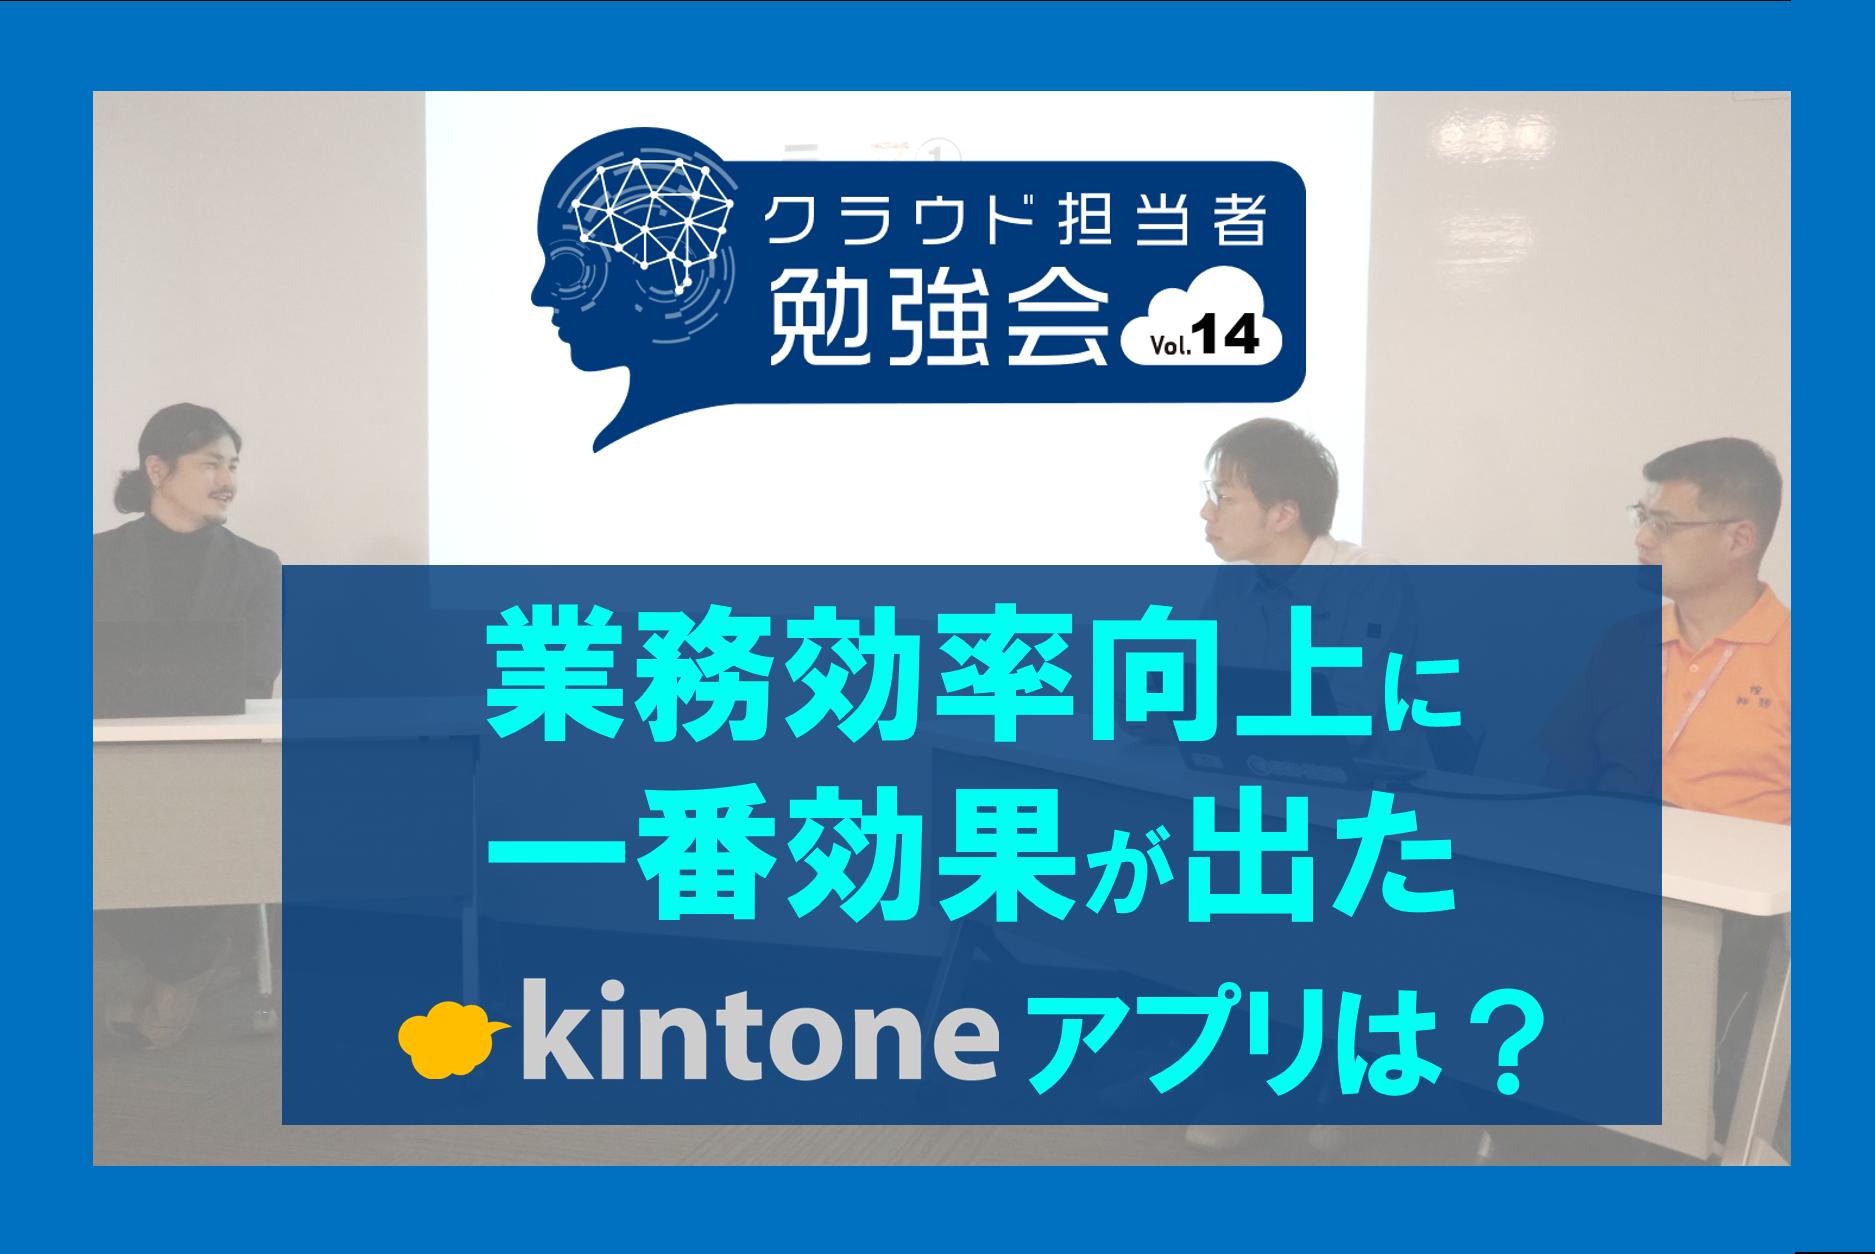 担当者に聞く!「効果の高いkintone(キントーン)アプリ・定着に効果的な工夫」|第14回クラウド担当者勉強会